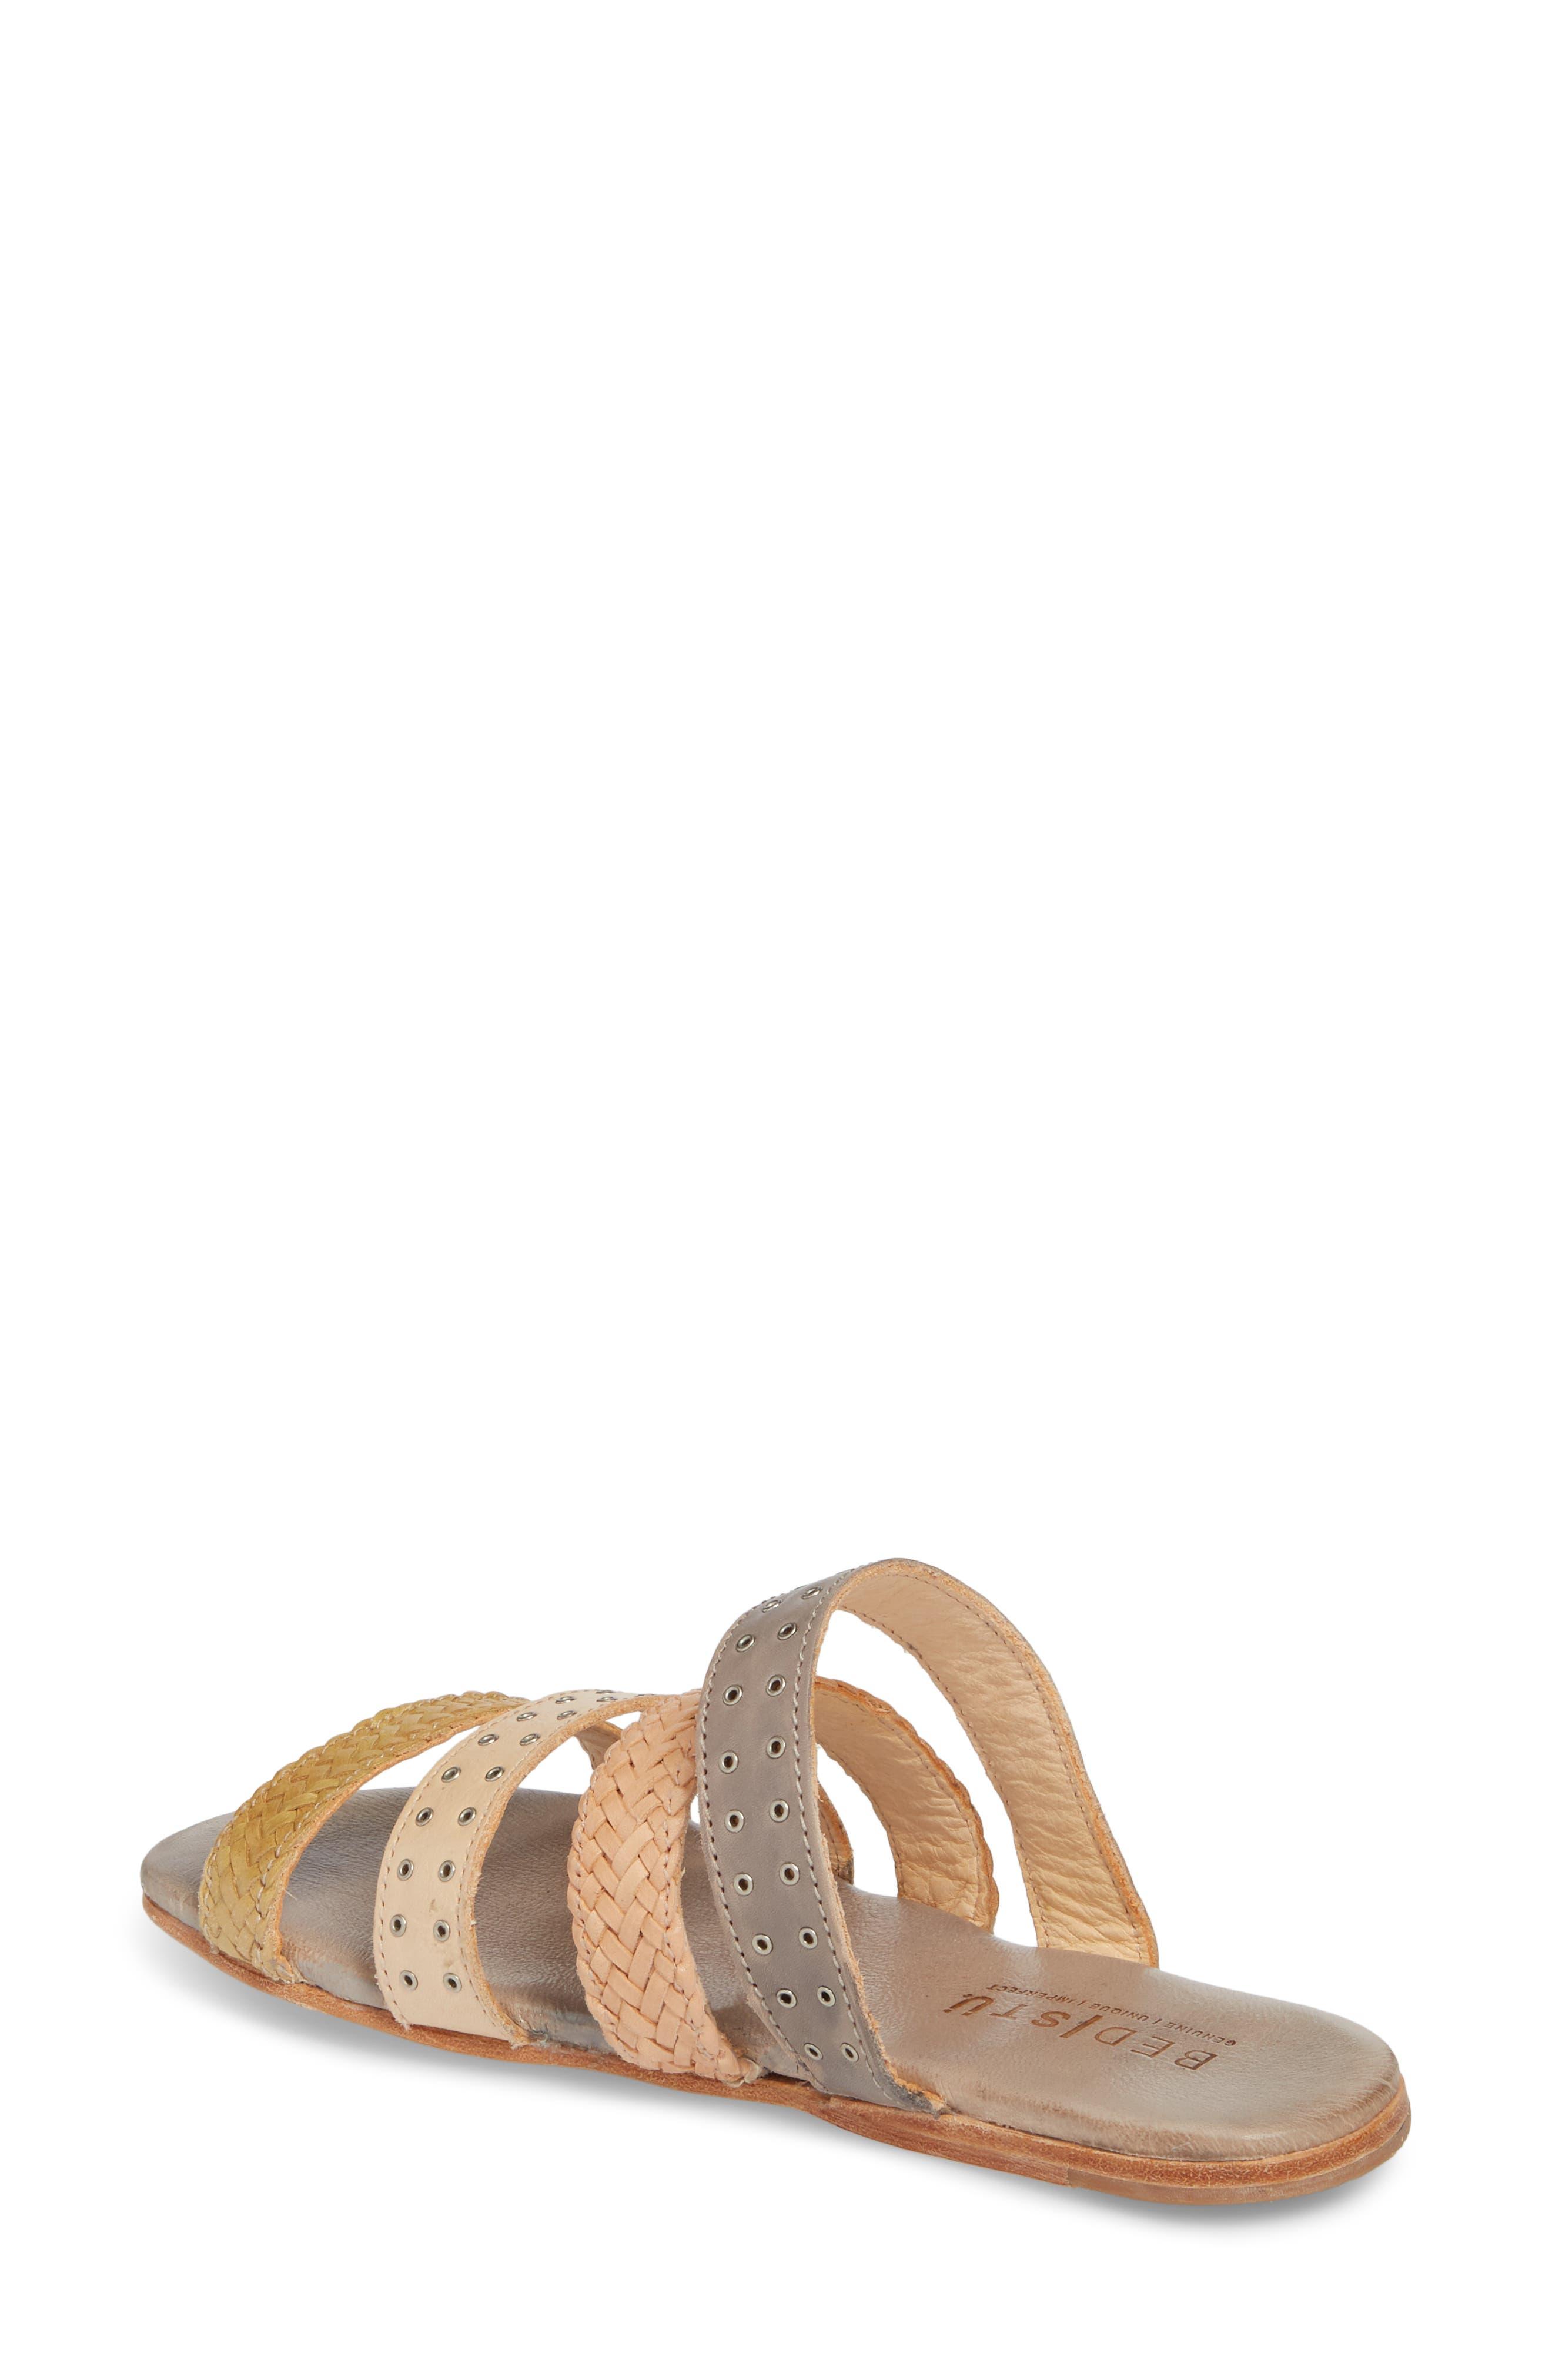 Henna Slide Sandal,                             Alternate thumbnail 2, color,                             CASHEW/ LIGHT GREY LEATHER